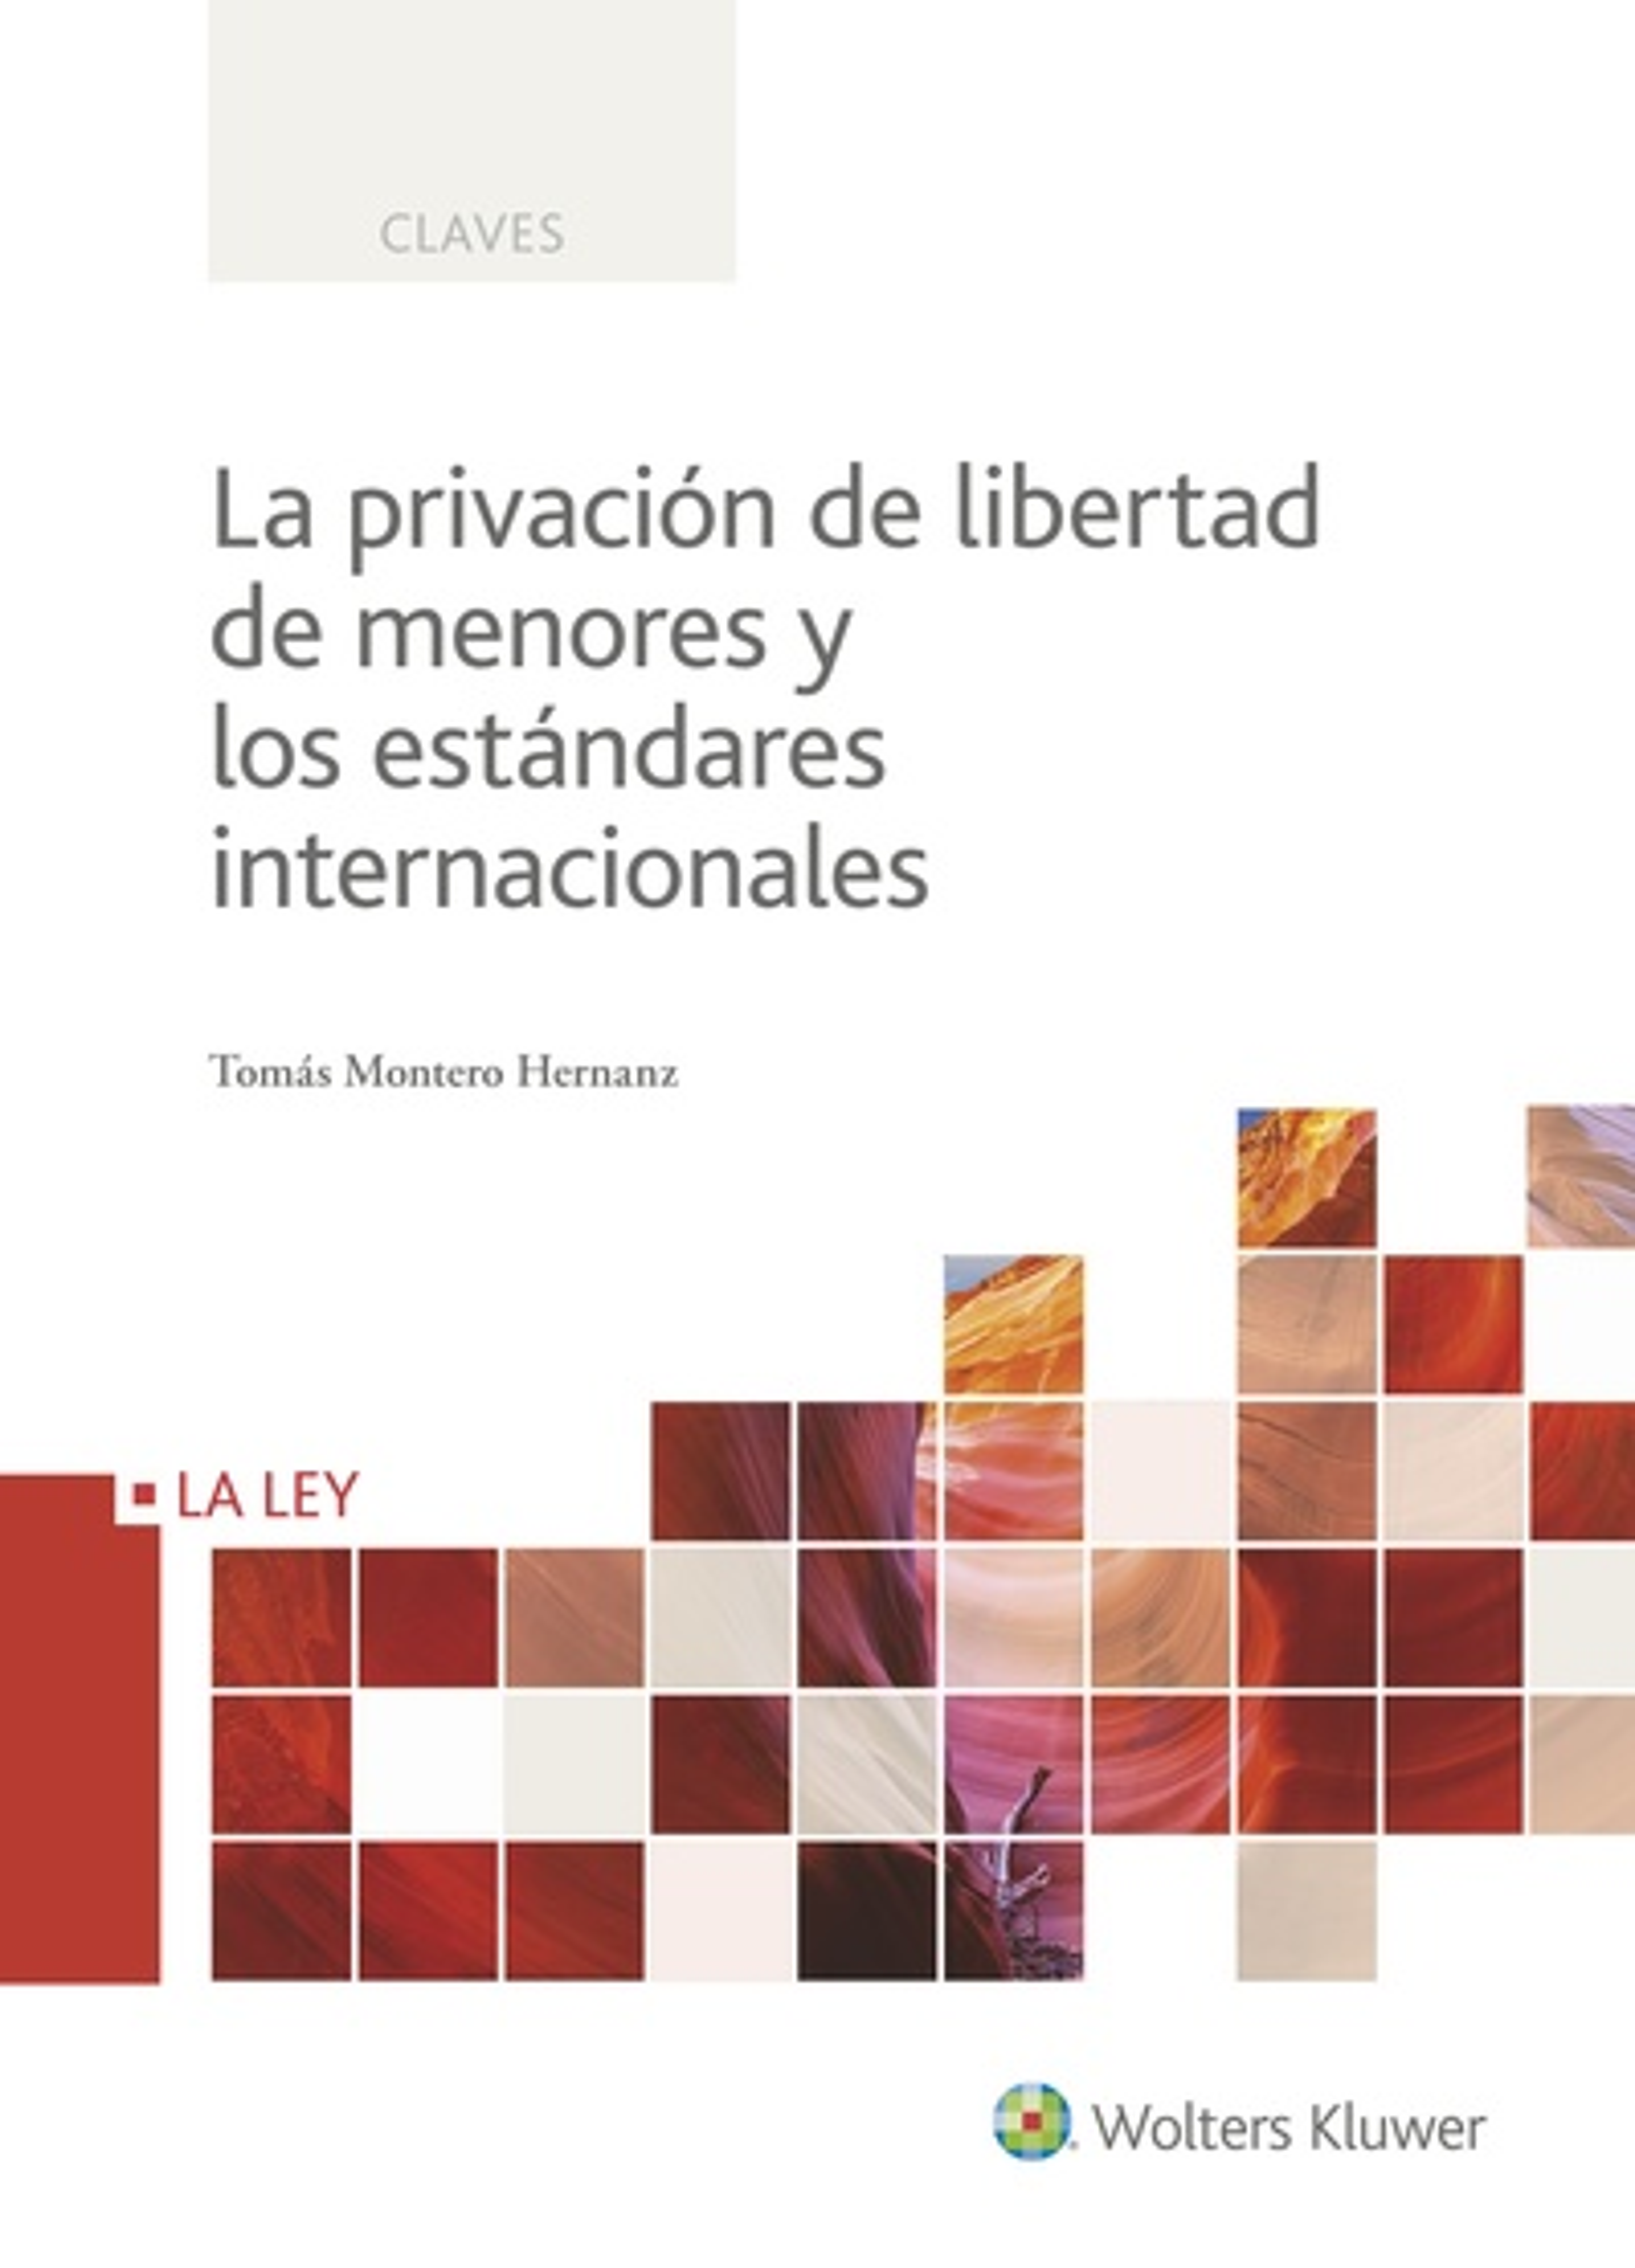 INVESTIGACION Y PRUEBA EN EL ACOSO ESCOLAR, 1ª EDI